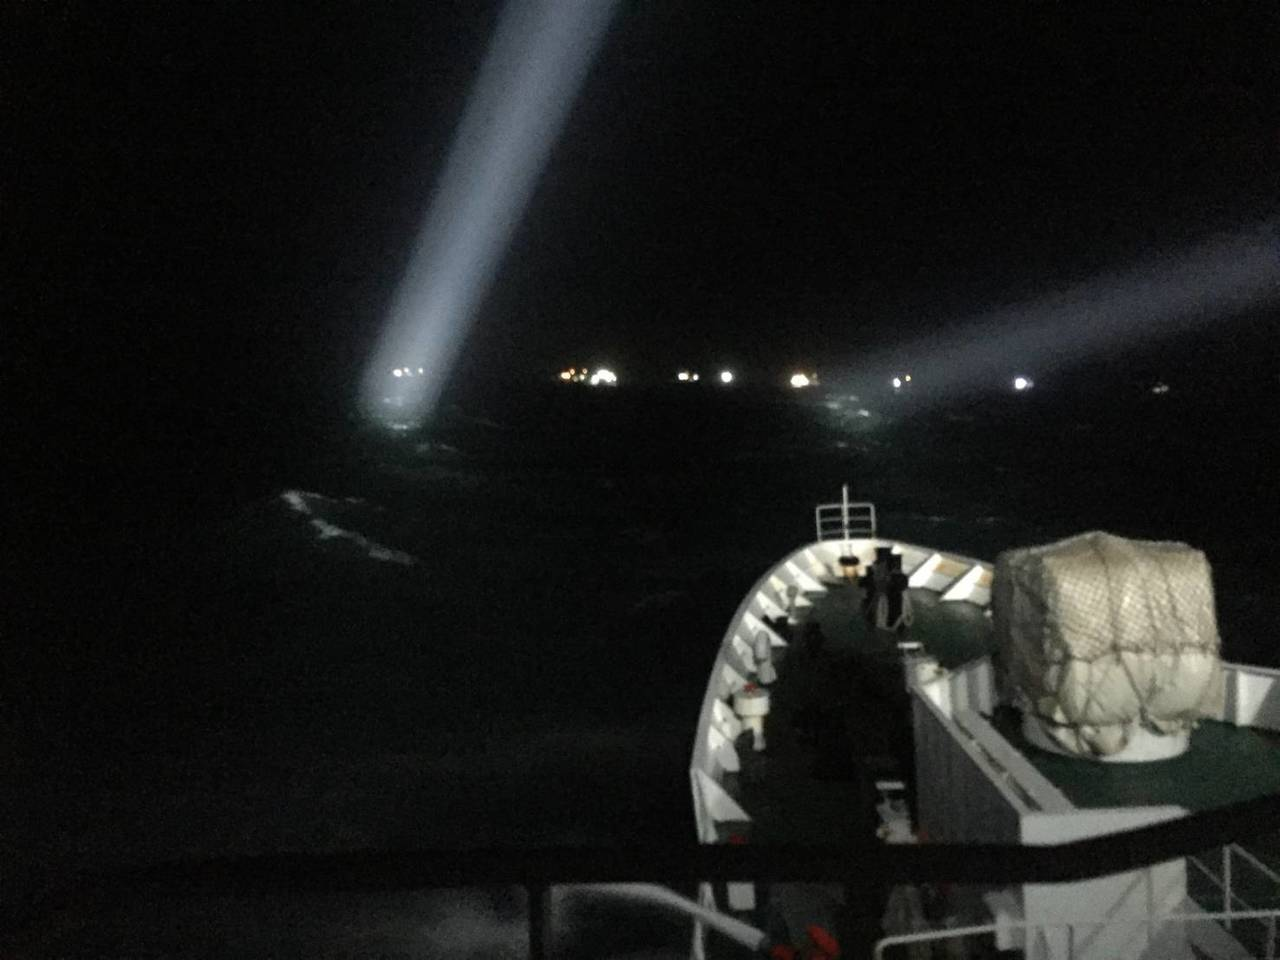 海巡署調派大型巡防艦台南艦前往澎湖水域執行驅離任務,以水砲強勢驅離陸船。海巡署提...